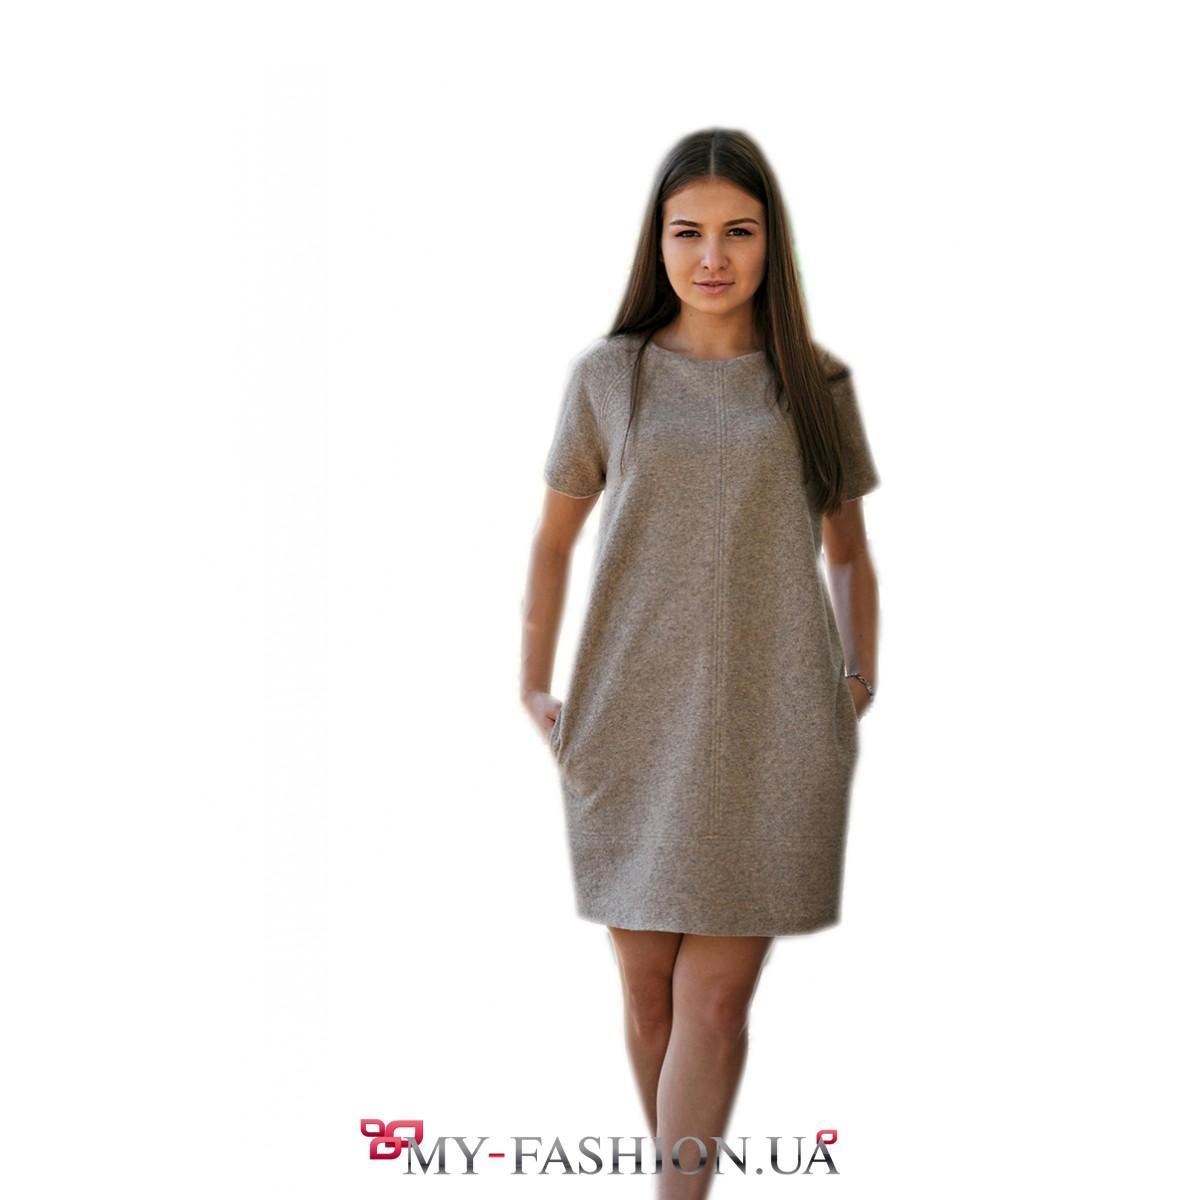 Купить в интернете зимнее платья